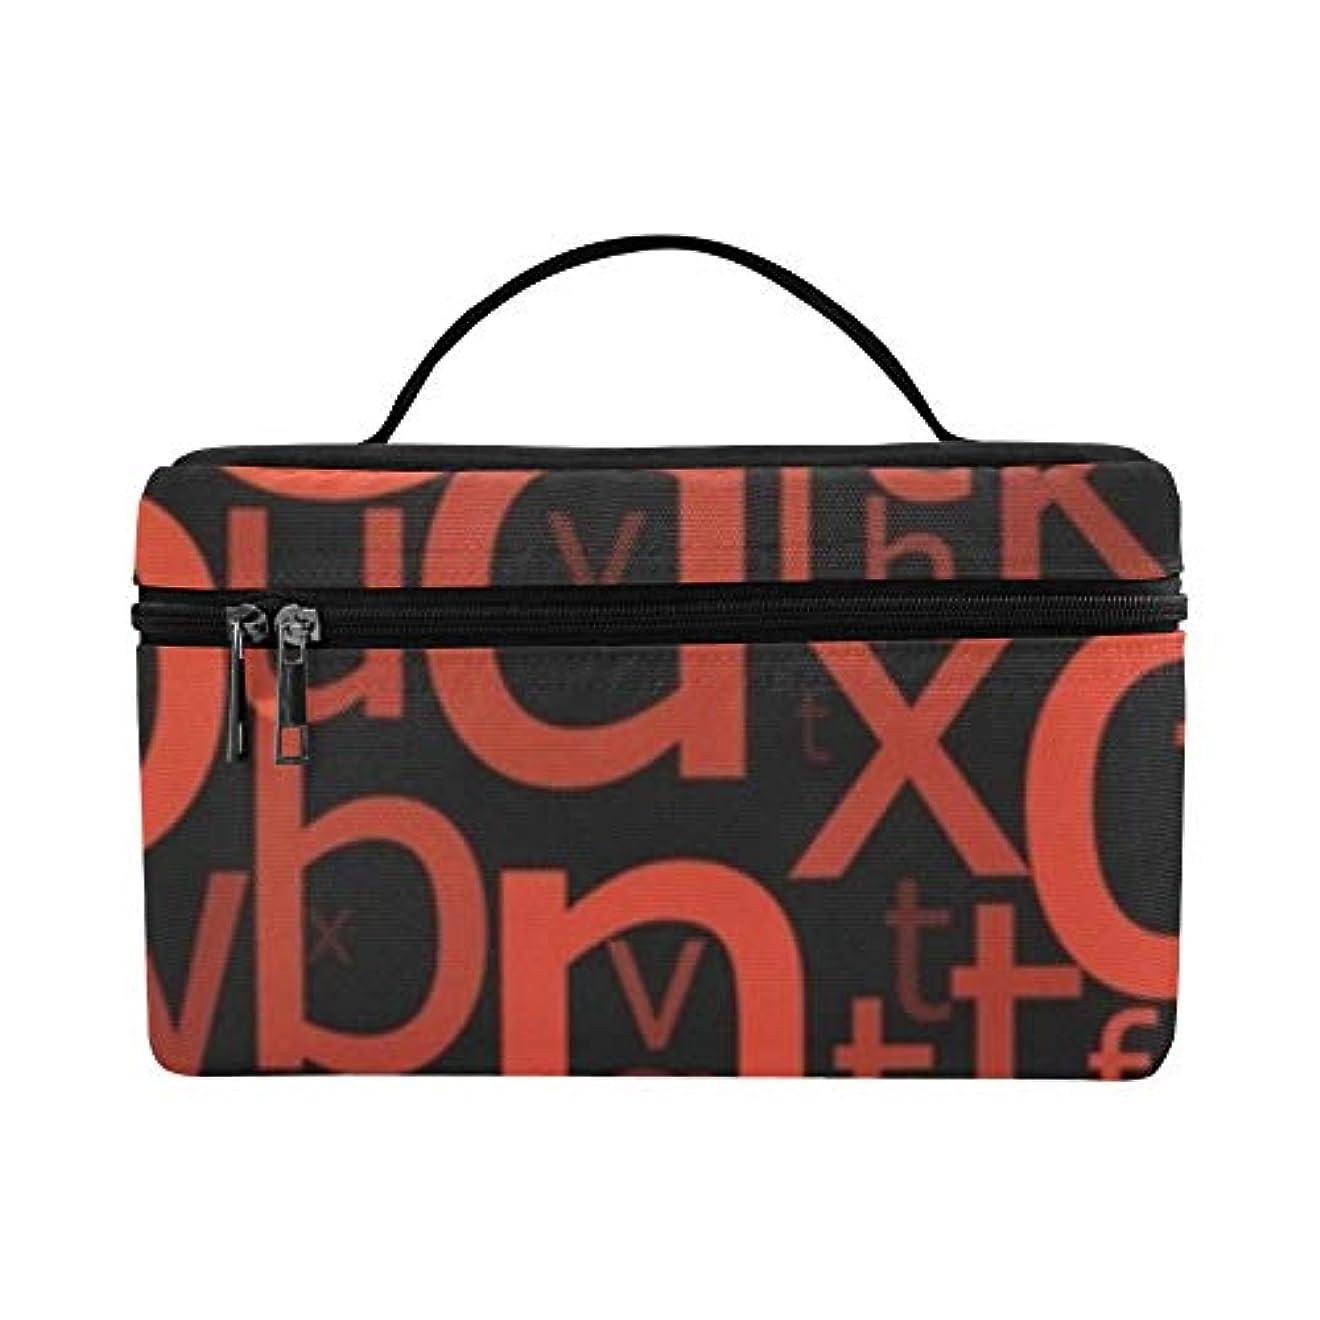 子羊引数脚本家GGSXD メイクボックス アルファベット コスメ収納 化粧品収納ケース 大容量 収納ボックス 化粧品入れ 化粧バッグ 旅行用 メイクブラシバッグ 化粧箱 持ち運び便利 プロ用